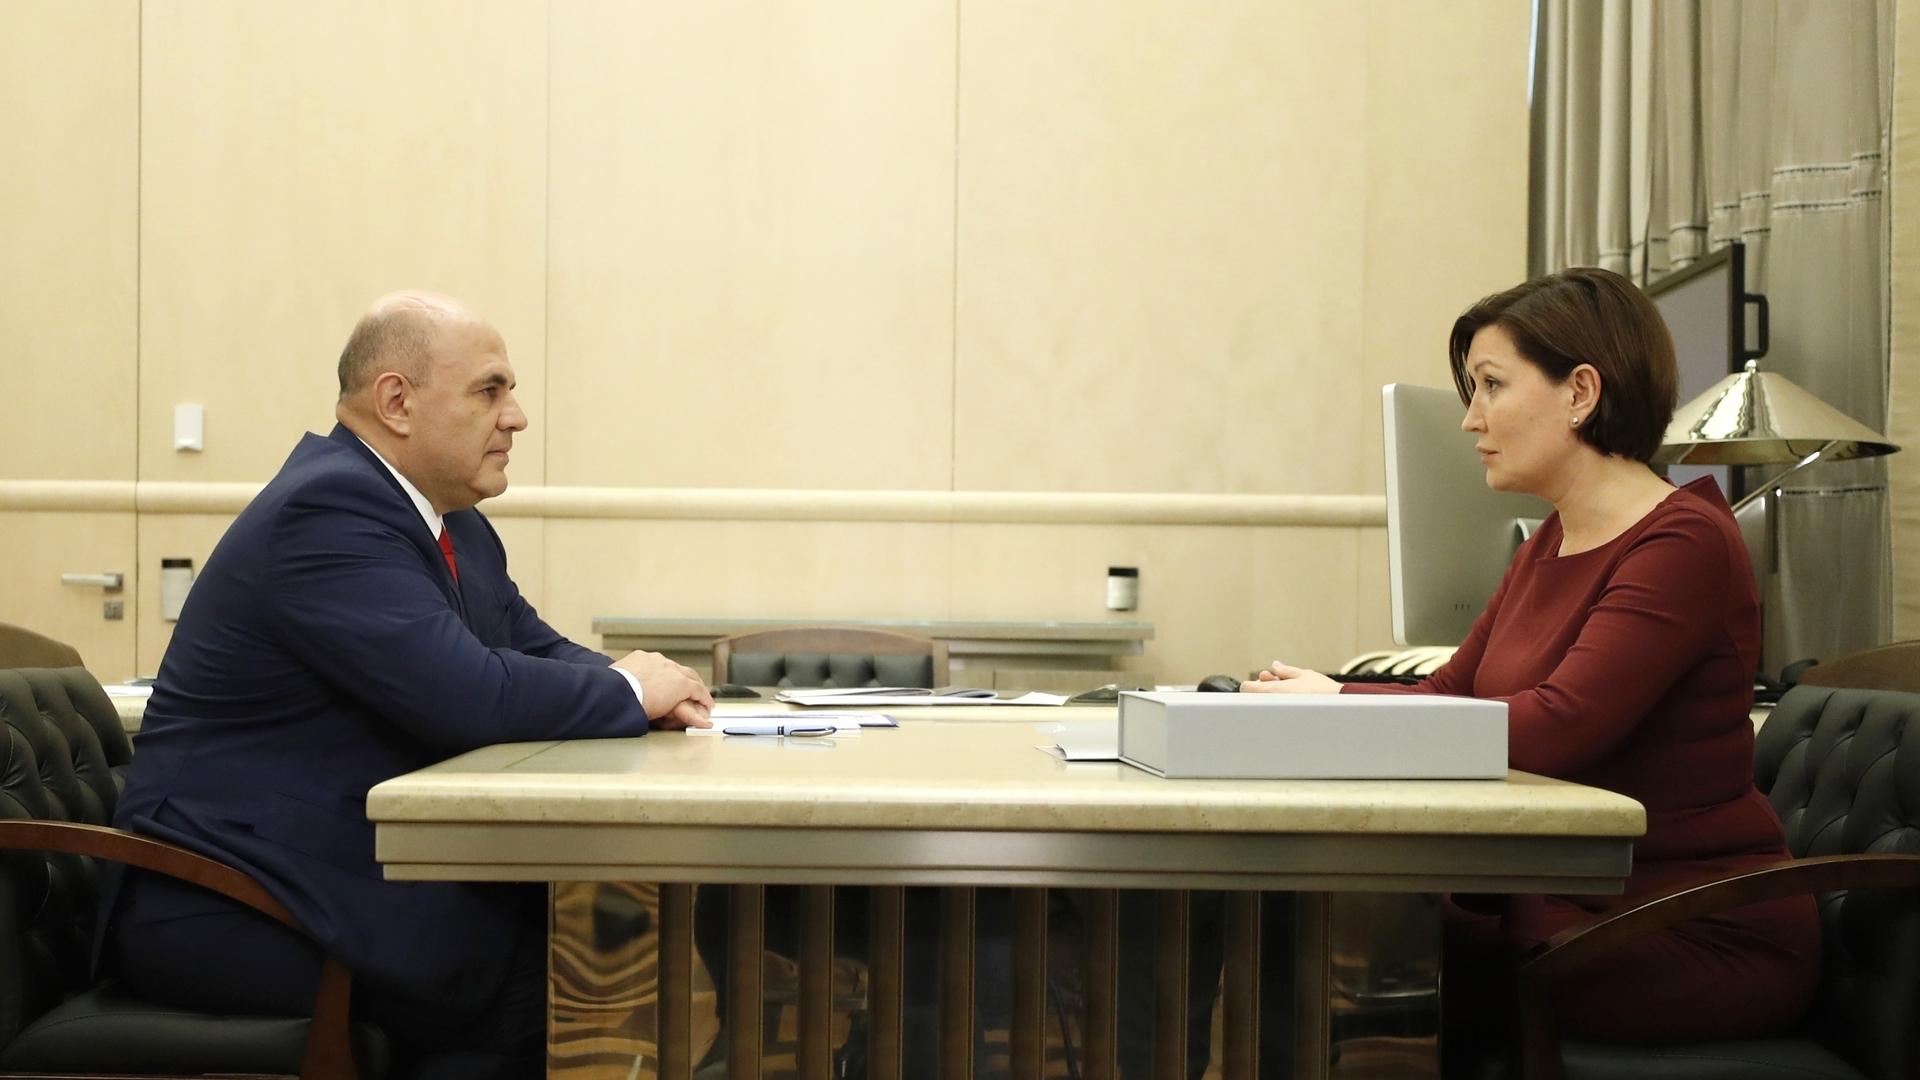 Встреча Михаила Мишустина с генеральным директором АНО «Агентство стратегических инициатив» Светланой Чупшевой